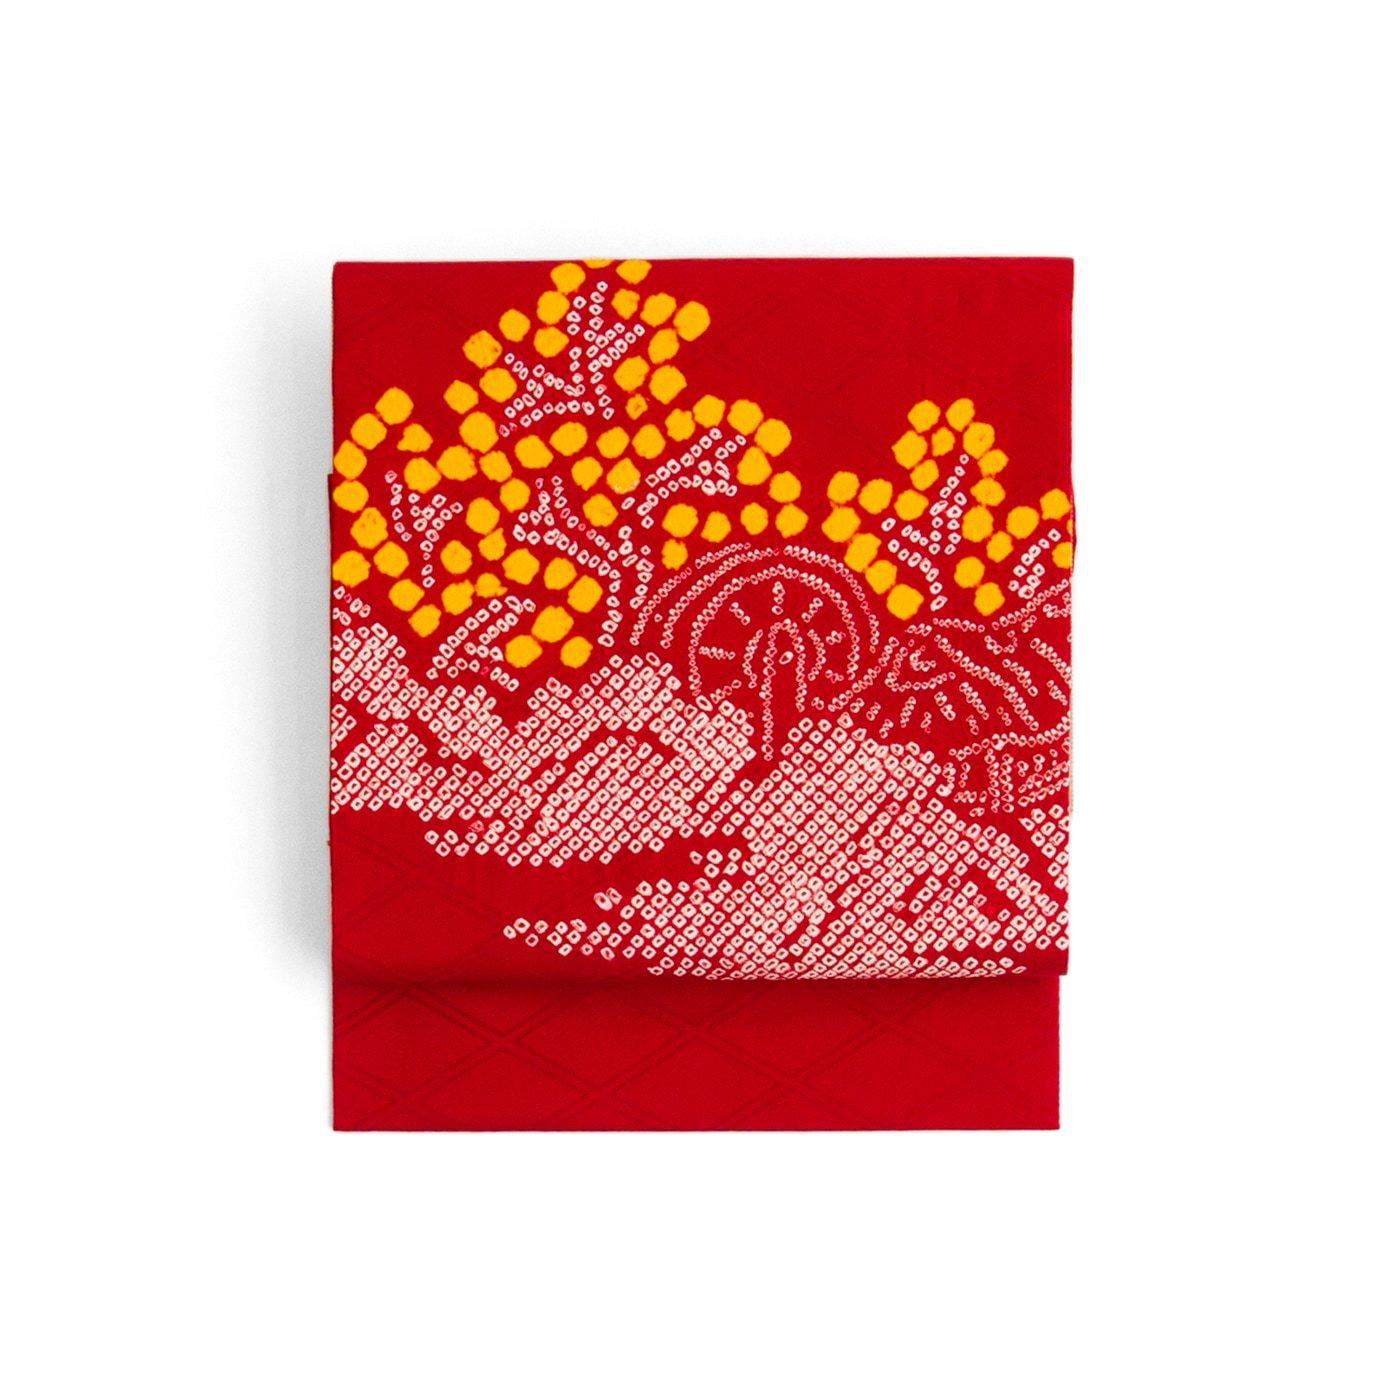 「水車のある景色 絞り」の商品画像